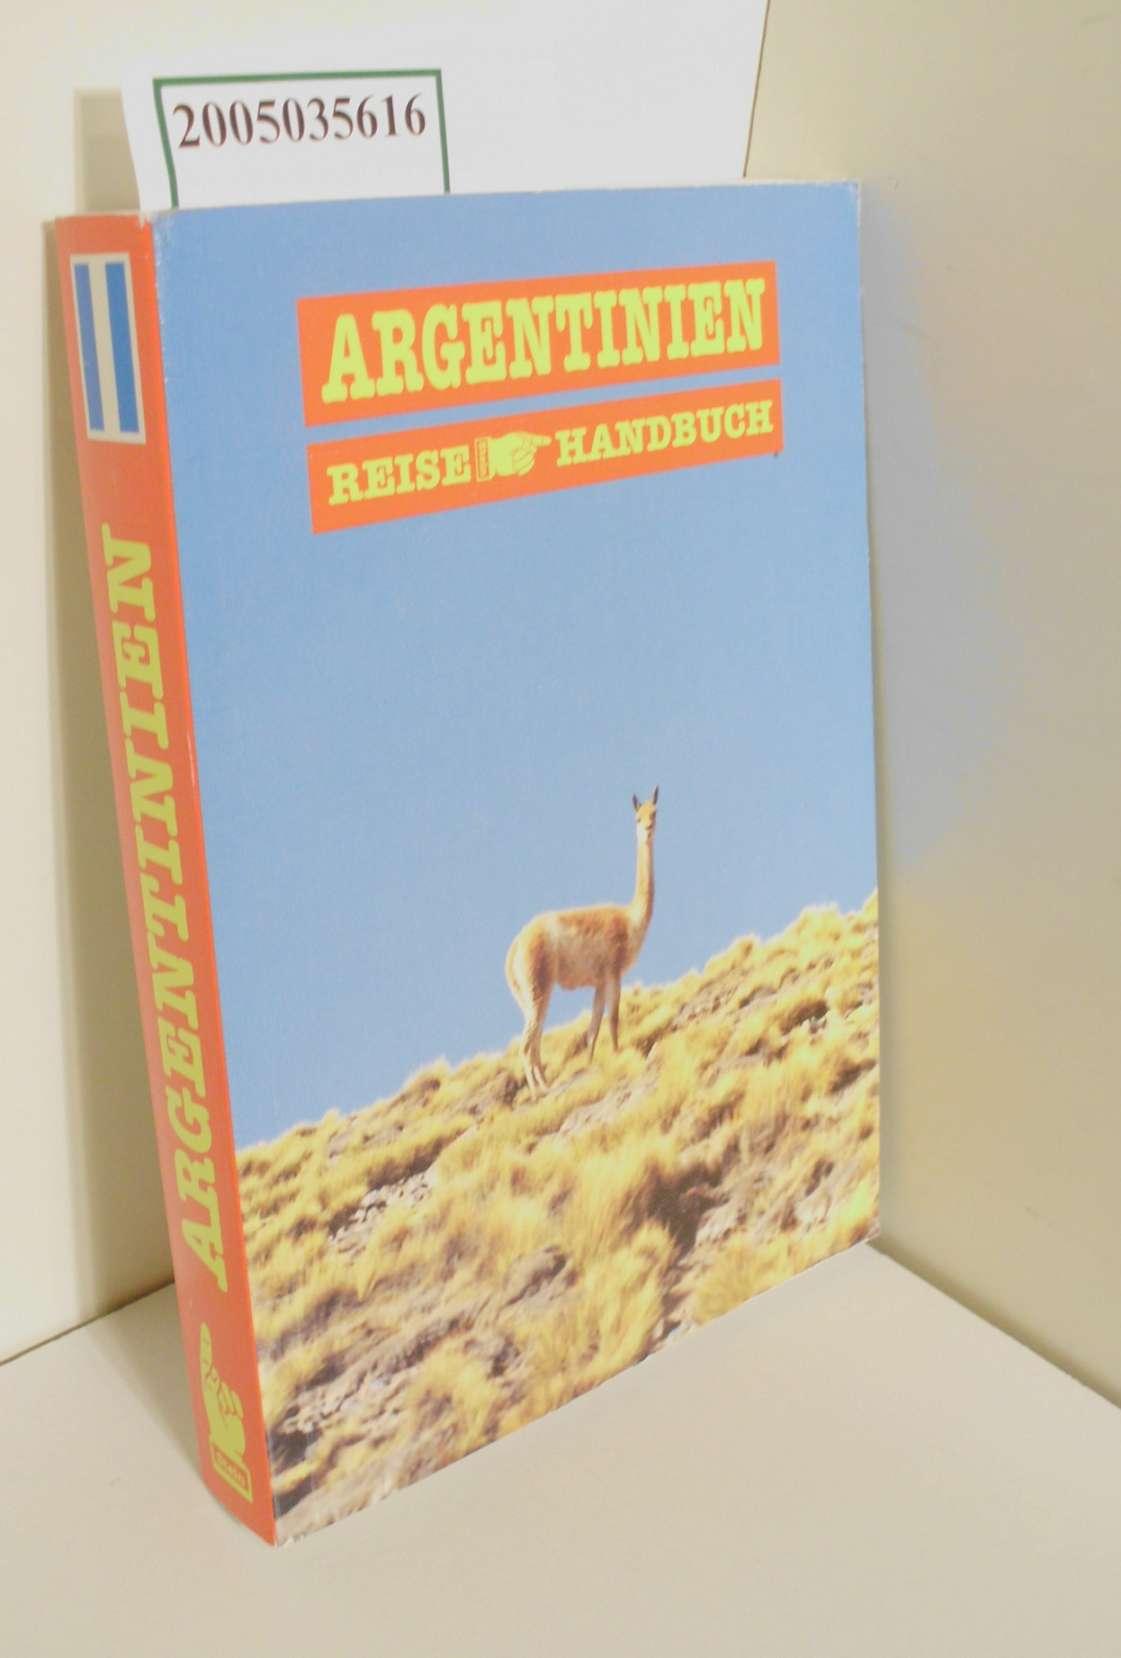 Argentinien-Handbuch : mit Uruguay und Paraguay / René Junghans. [Fotos Nicola Boll ... Kt. und Pläne Franny Petersen-Storck] / Reise-Handbuch 3., überarb. und erw. Aufl.